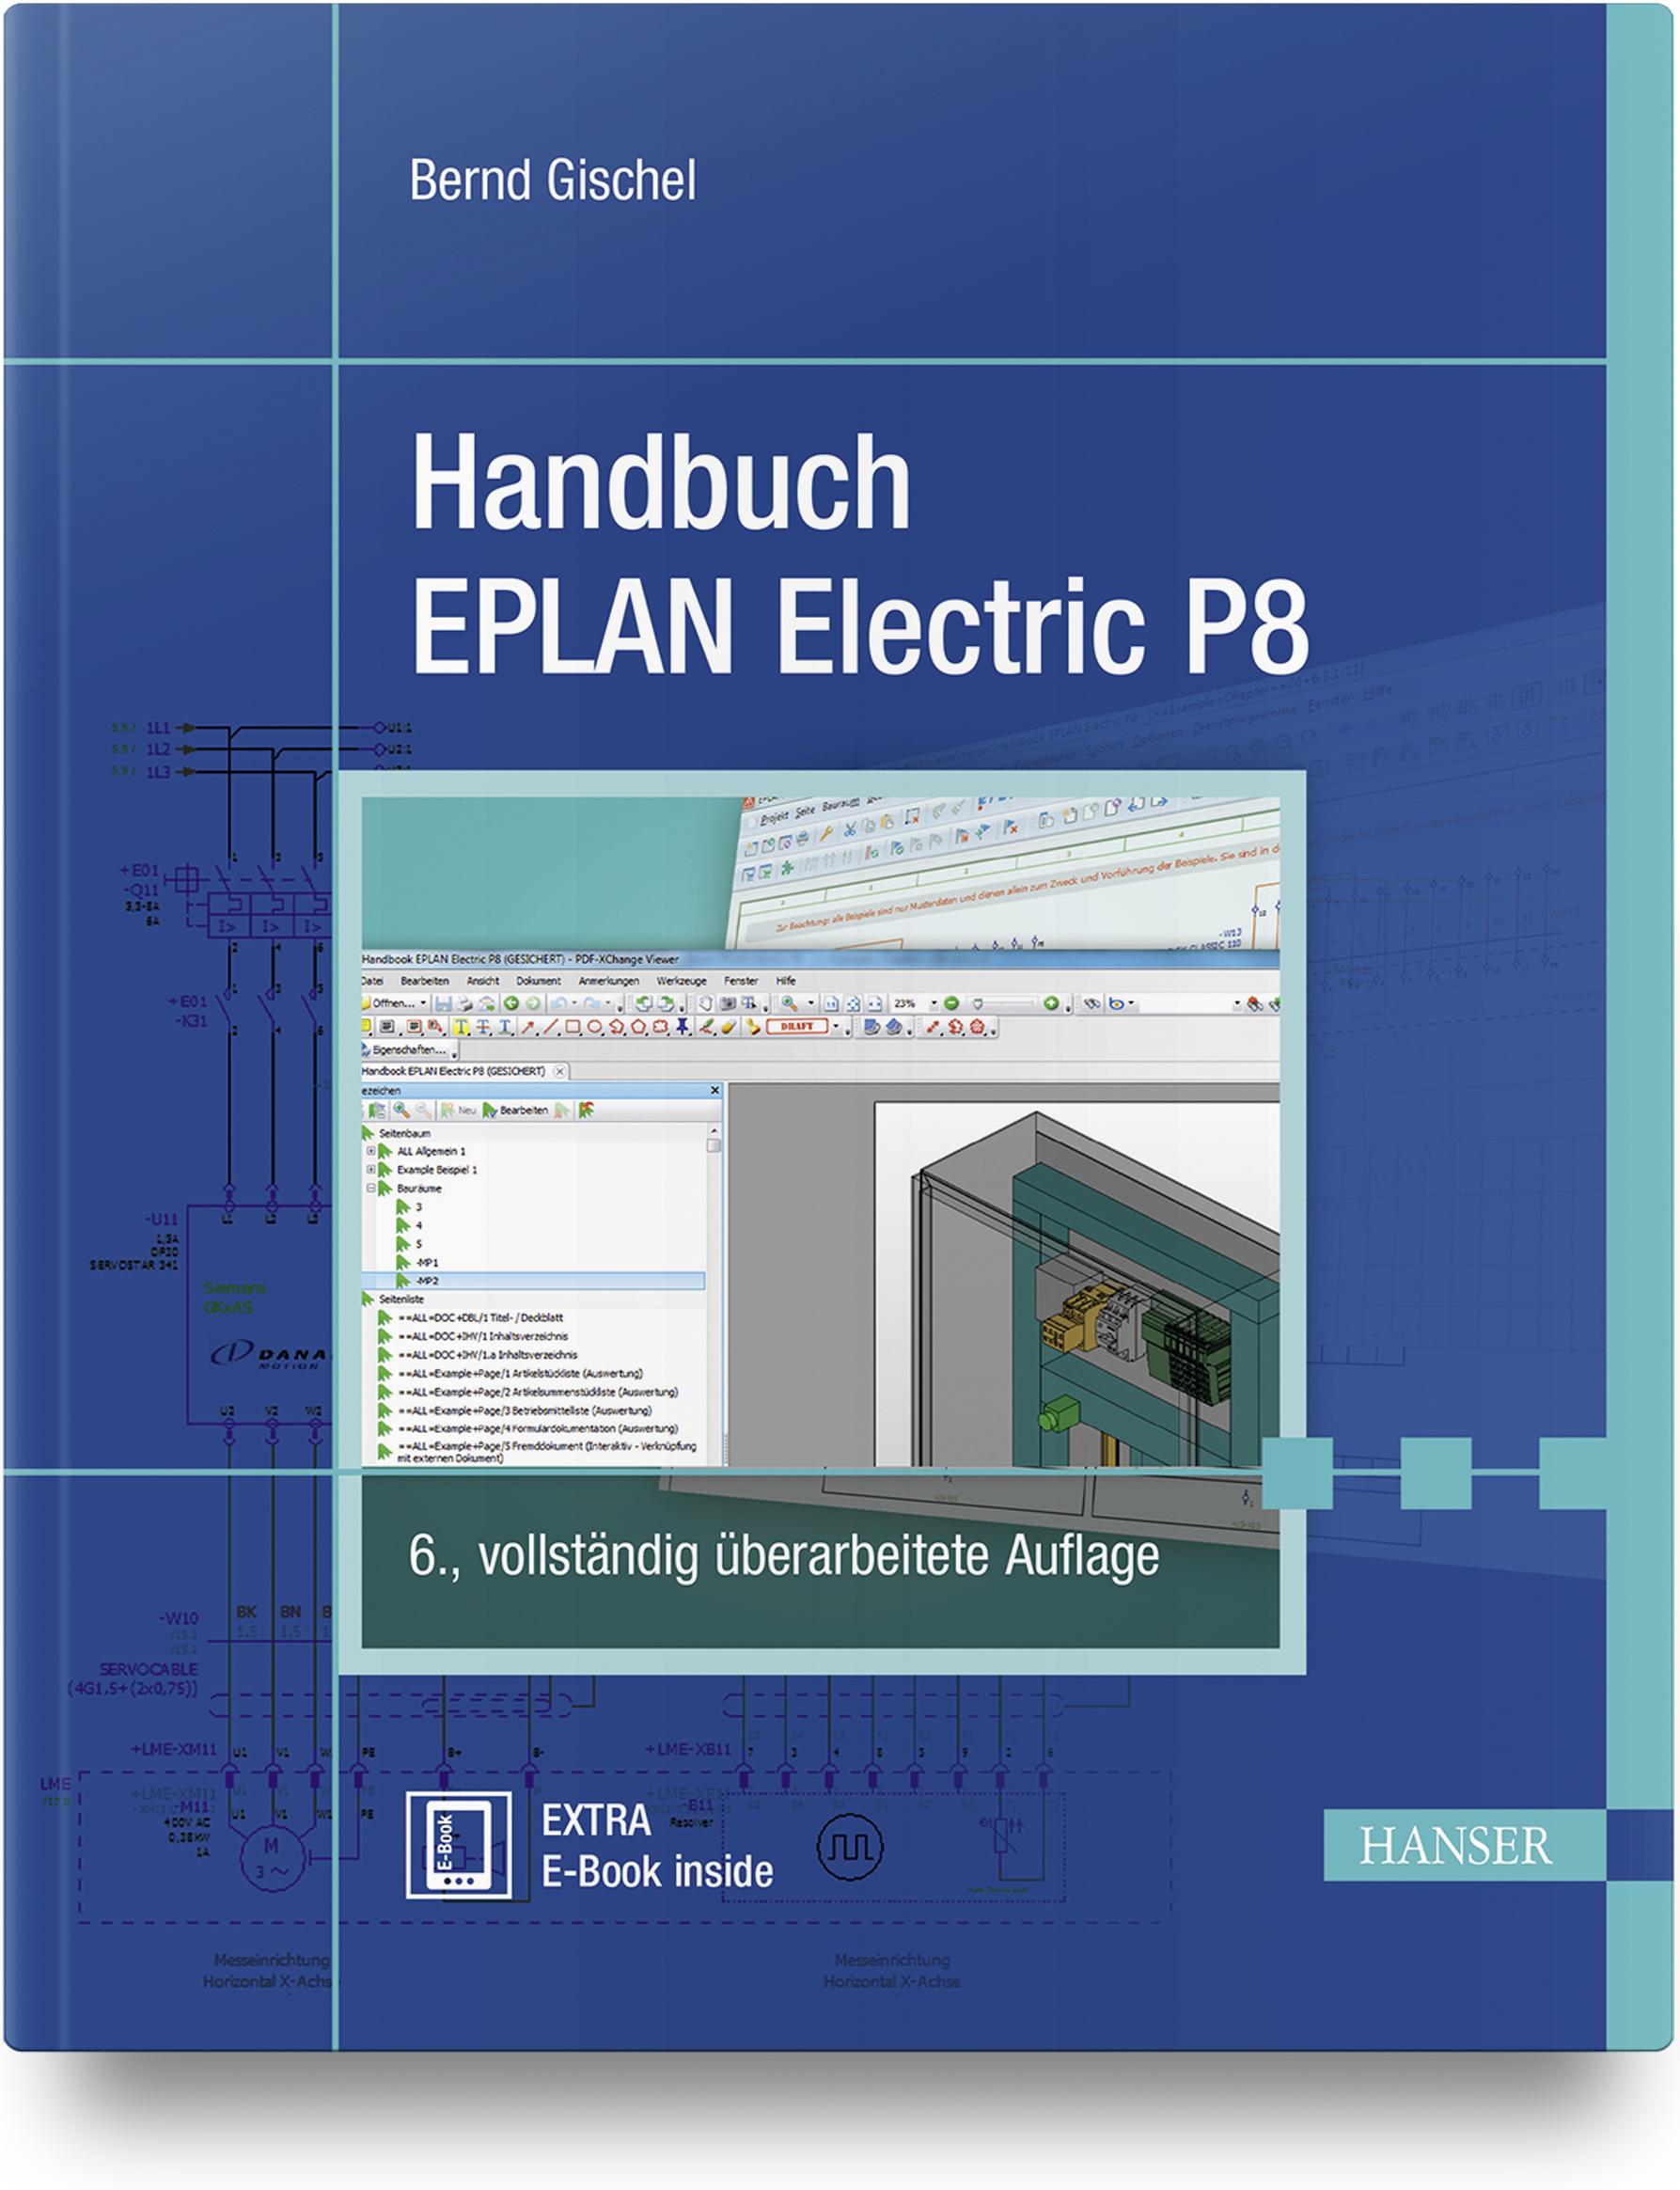 Gischel, Handbuch EPLAN Electric P8, 978-3-446-45919-9